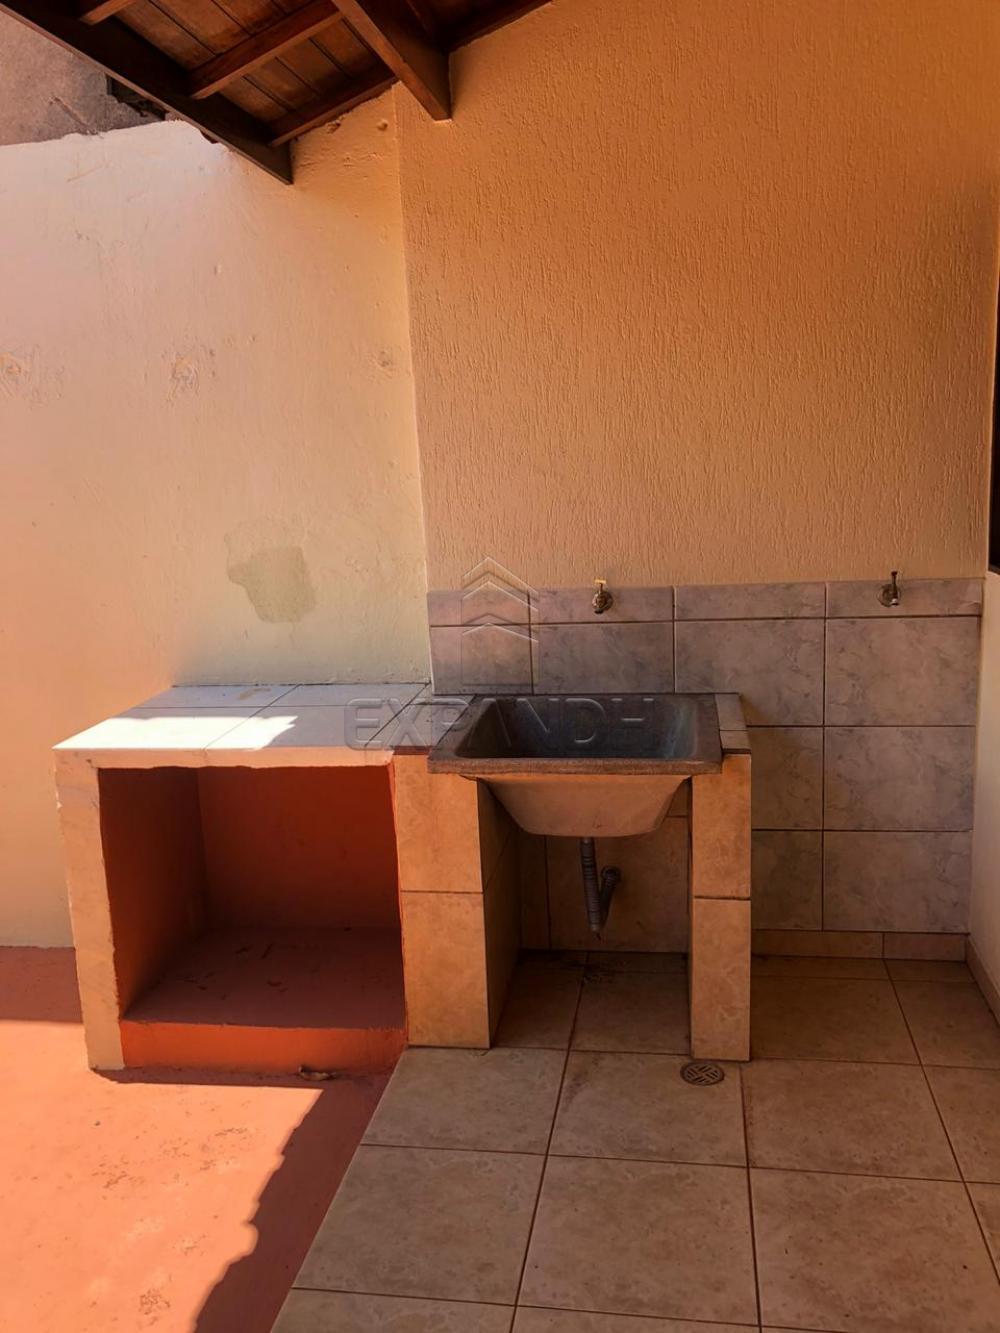 Alugar Casas / Padrão em Sertãozinho R$ 700,00 - Foto 5